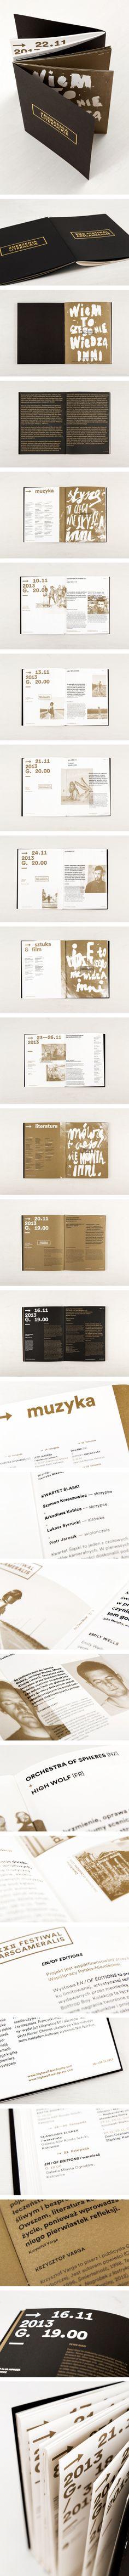 <> XXII Festiwal Ars Cameralis brochure by Marta Gawin